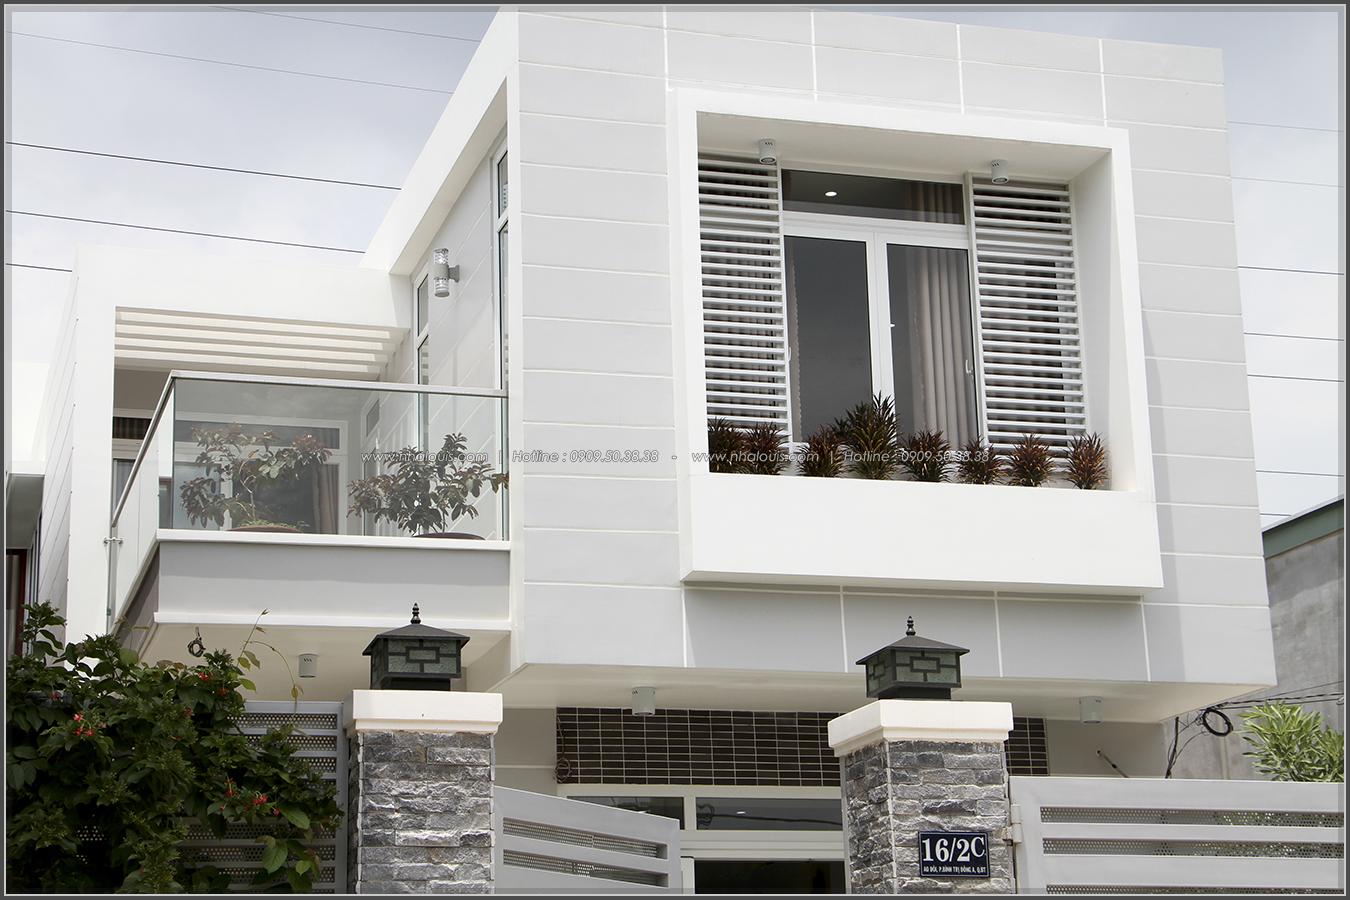 Thi công xây dựng nhà phố 1 trệt 1 lầu quận Bình Tân - 05